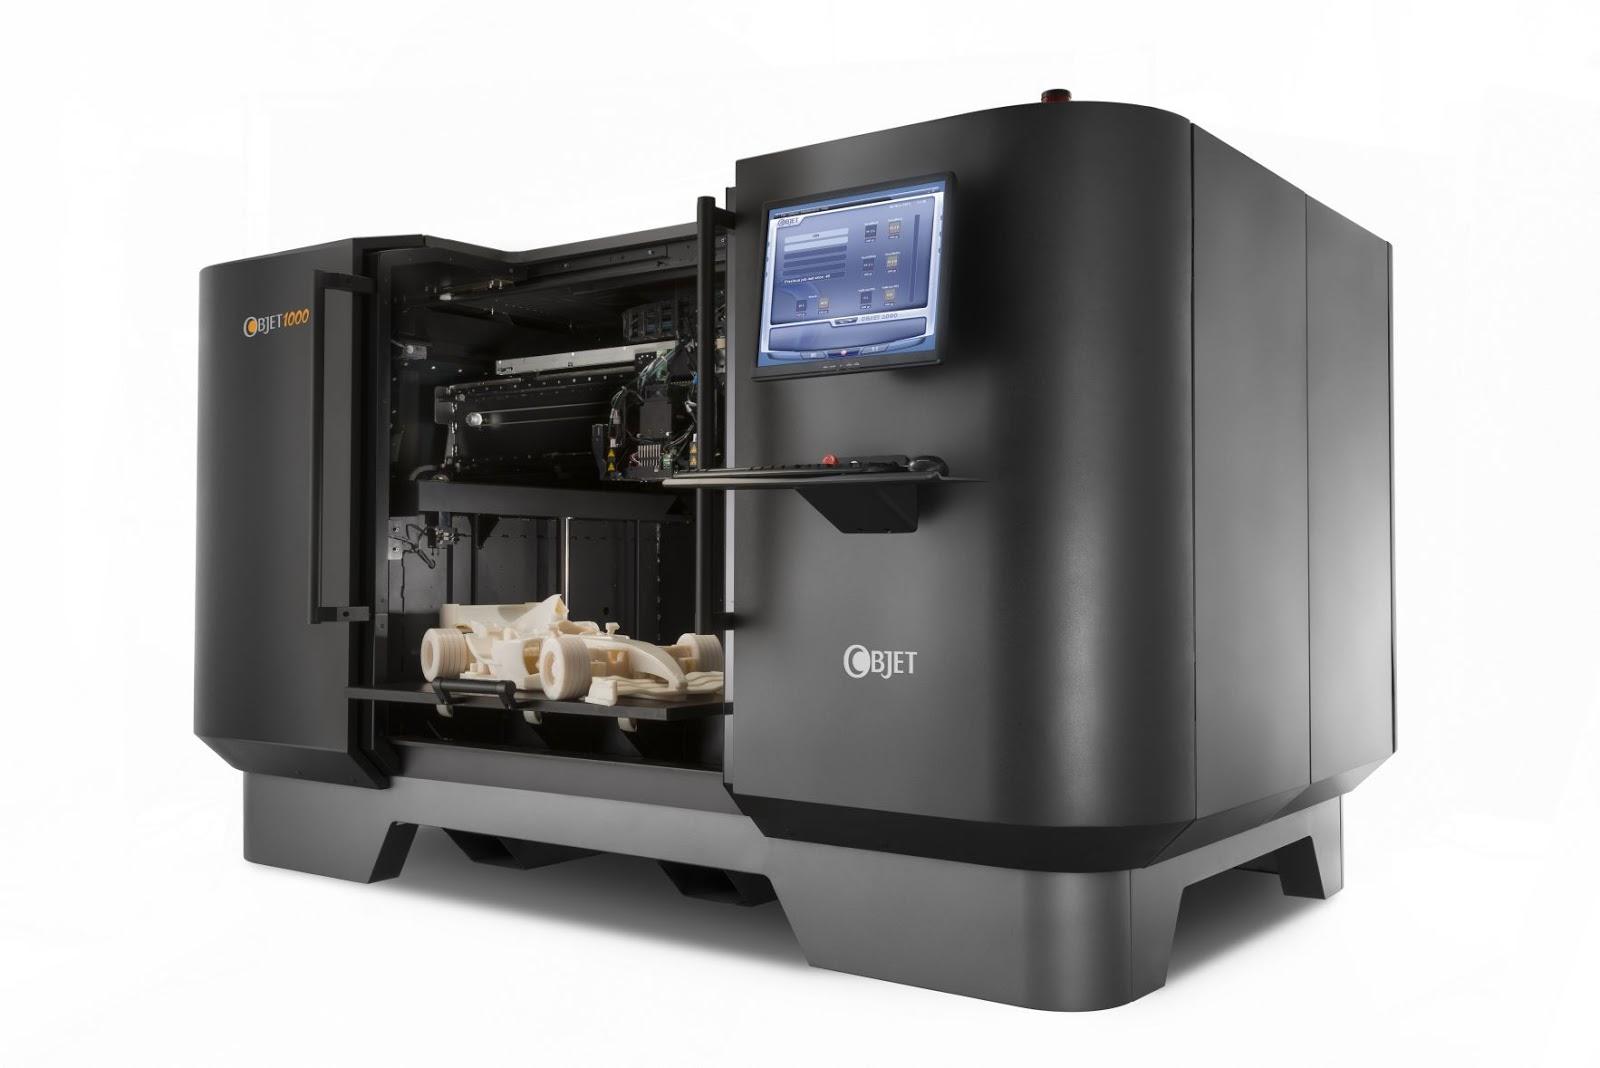 3d-printer-quanto-costa-prezzo-stampante-3d-stampa-3d-forum-2